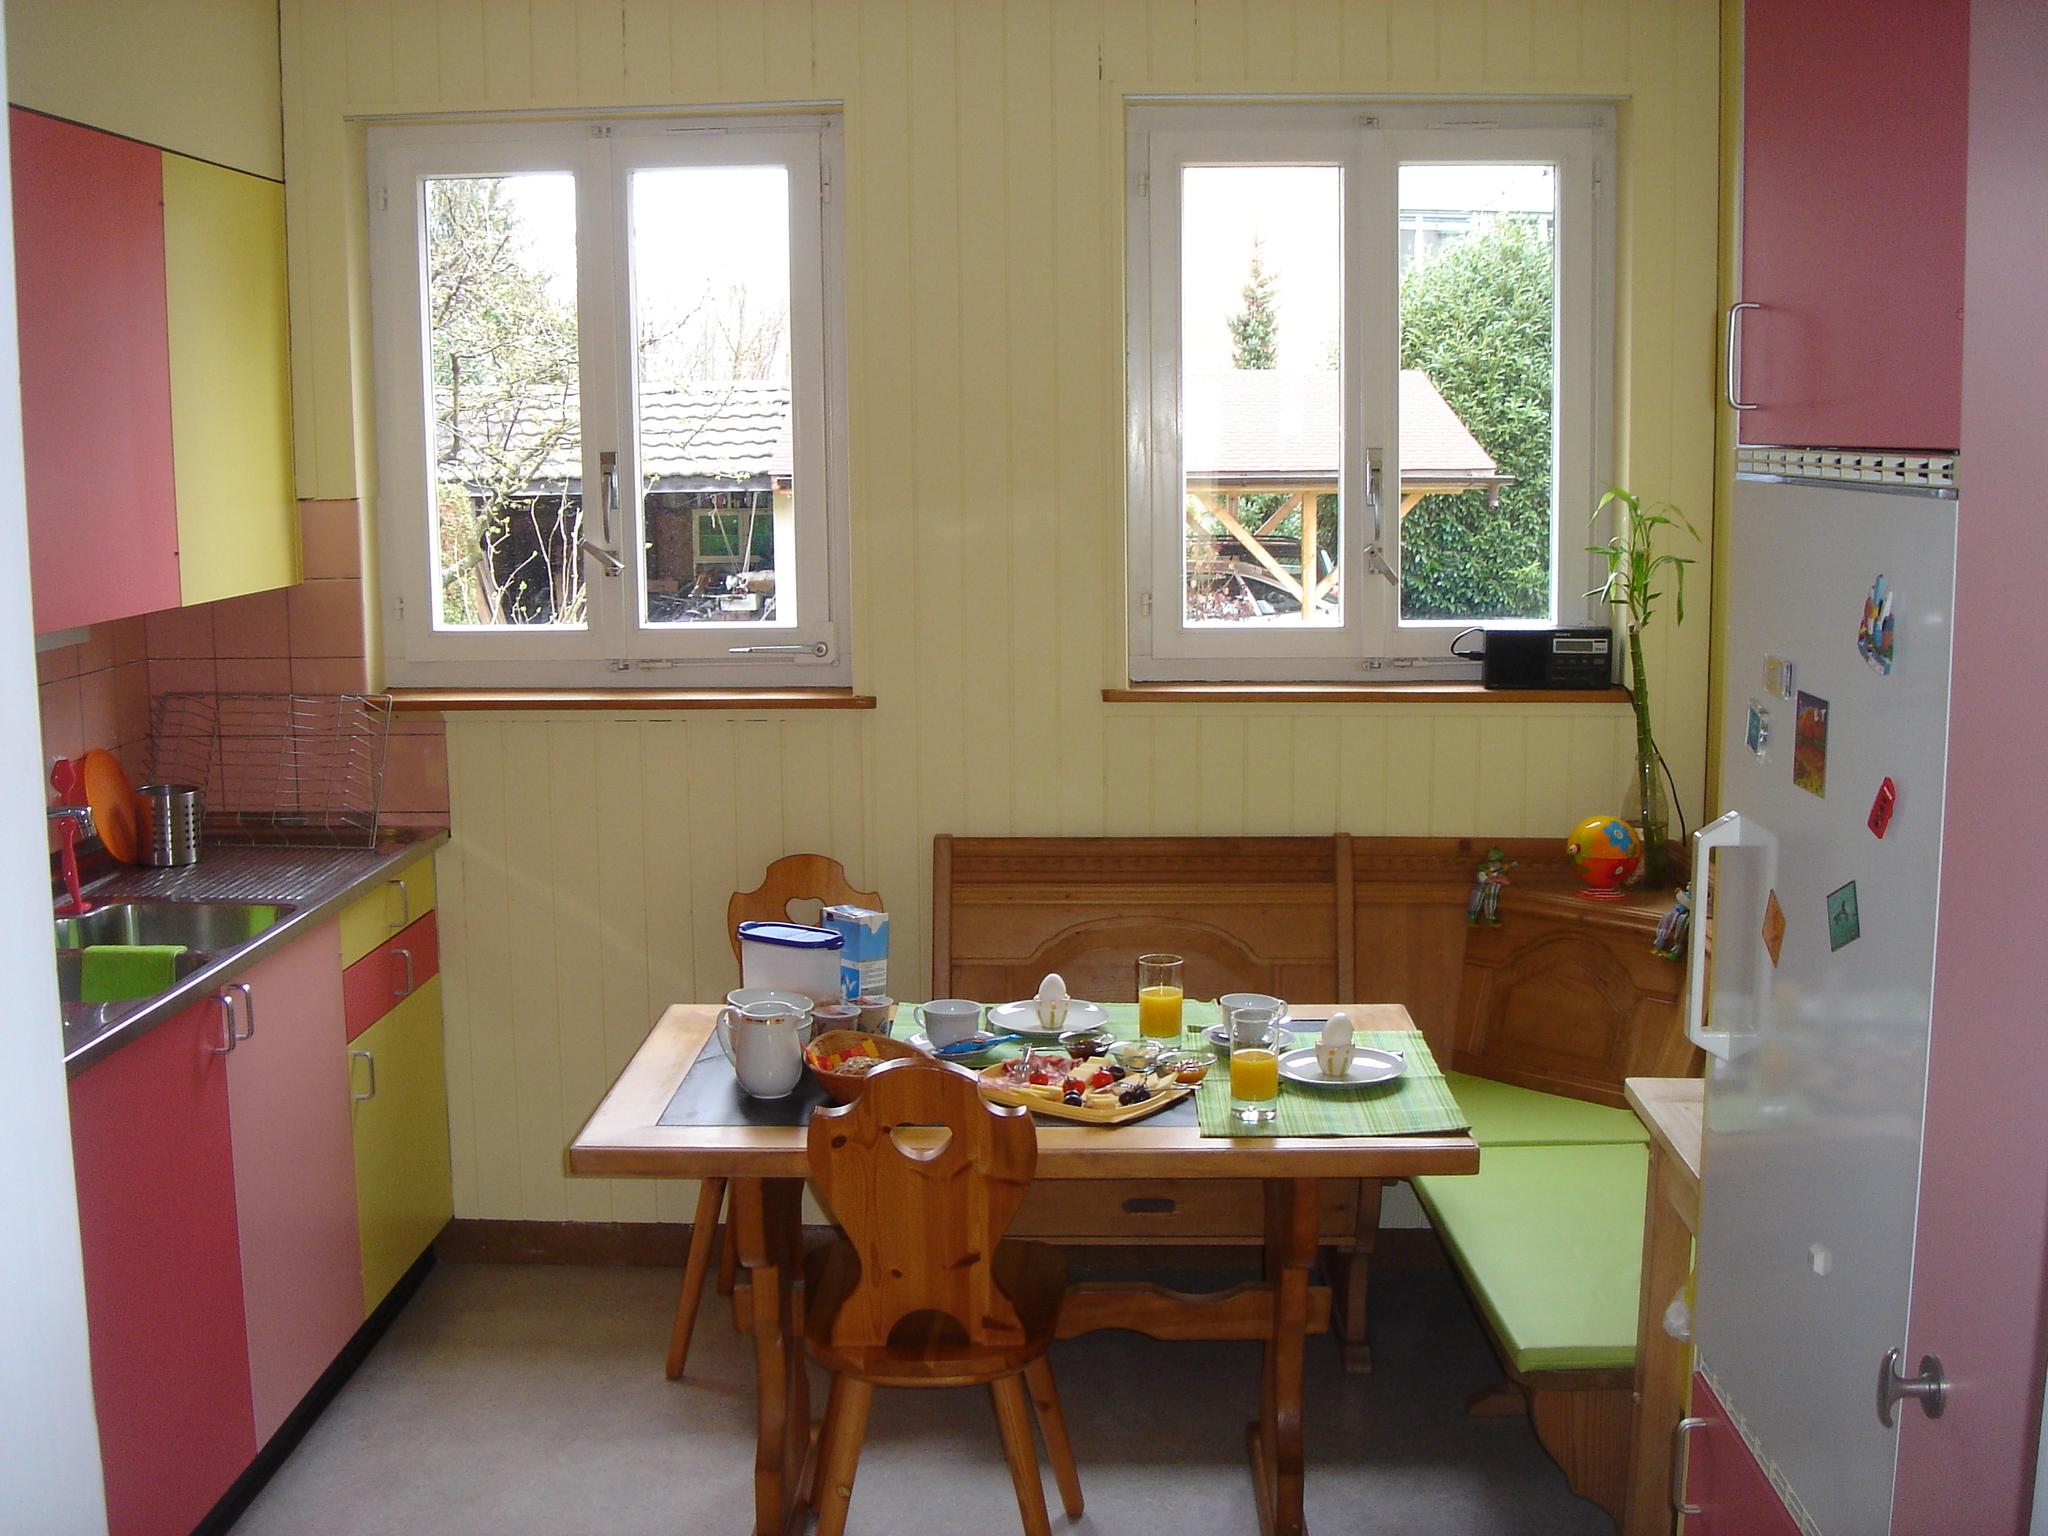 Komplett eingerichtete Küche für Selbstversorger